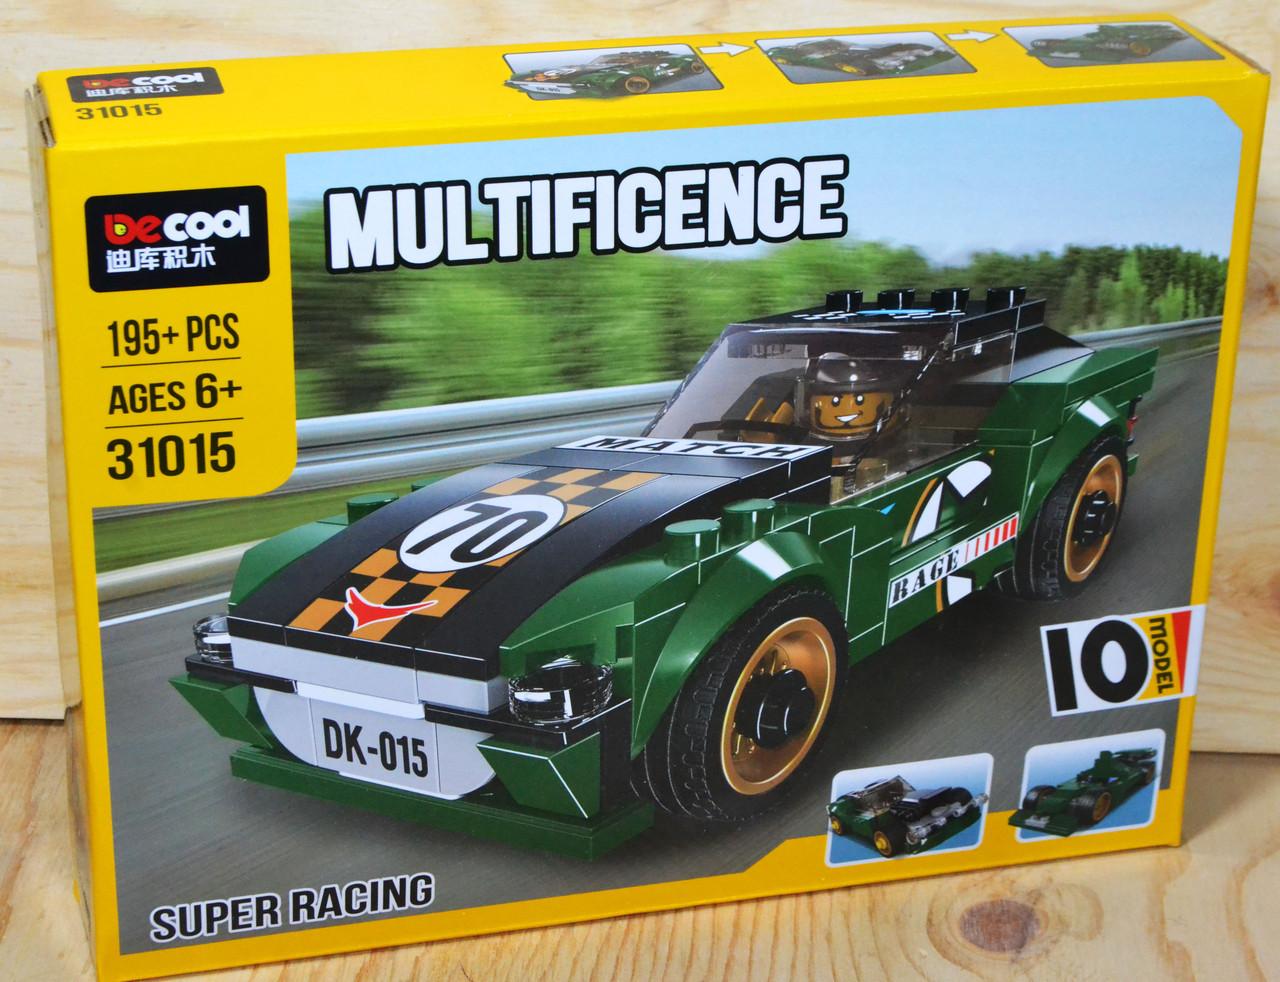 31015 Констр. Зеленая гоночная машина (можно собрать 10модели), Multificence 28*21см